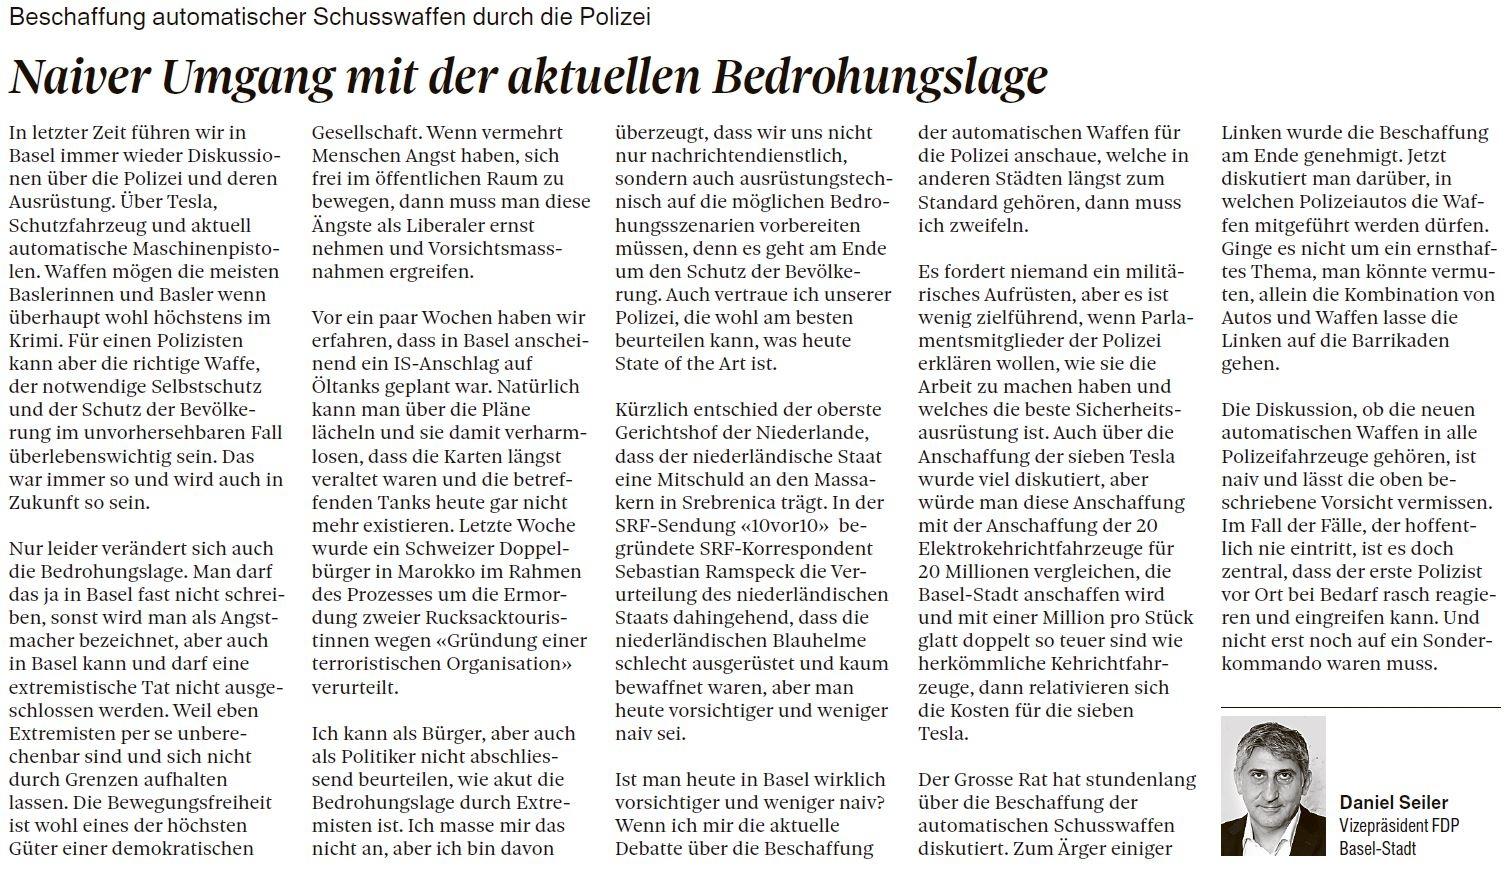 Gastbeitrag in der Basler Zeitung